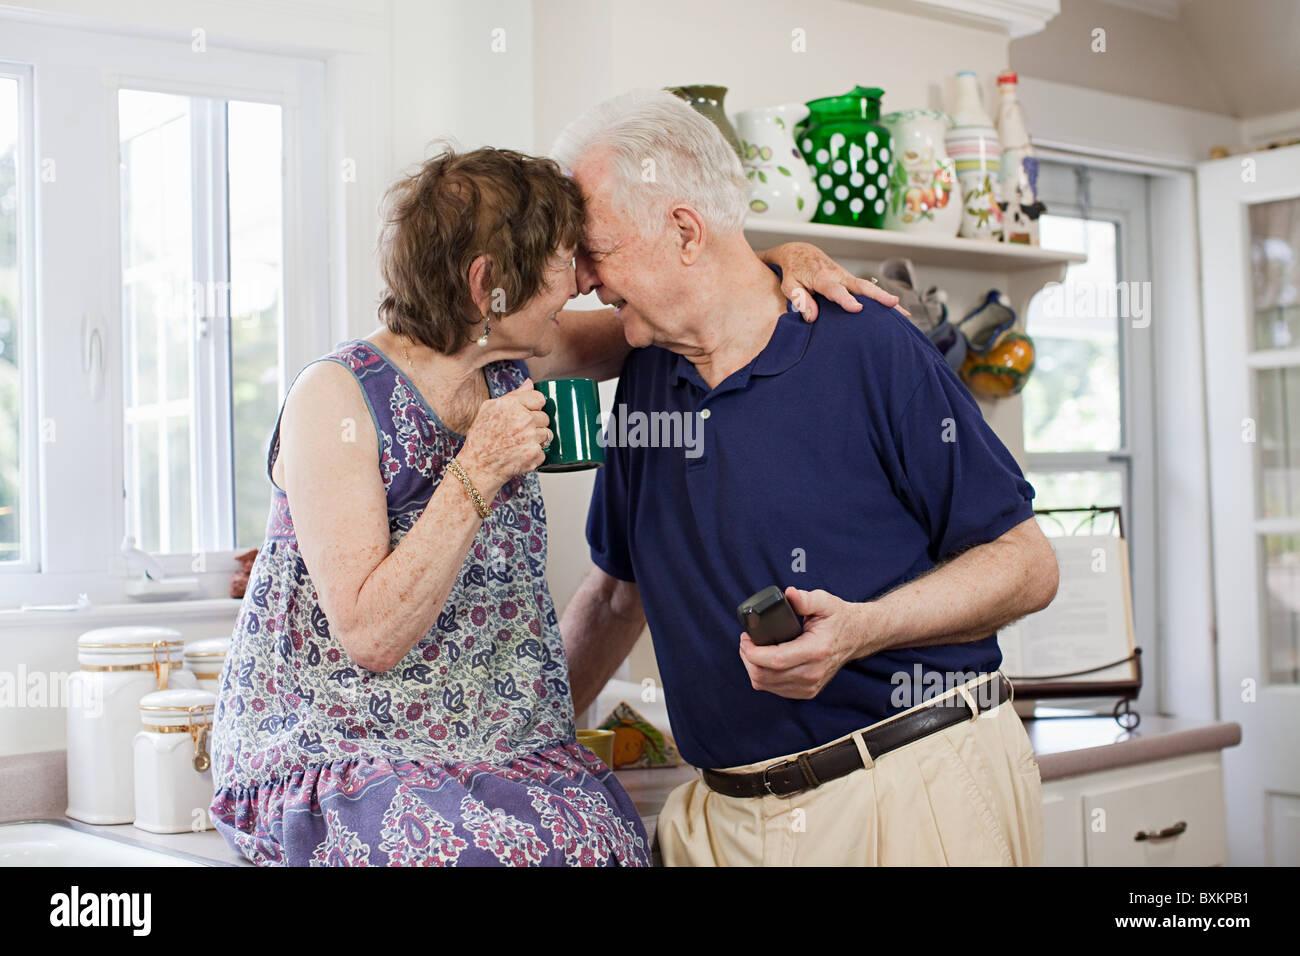 Senior couple in kitchen Photo Stock